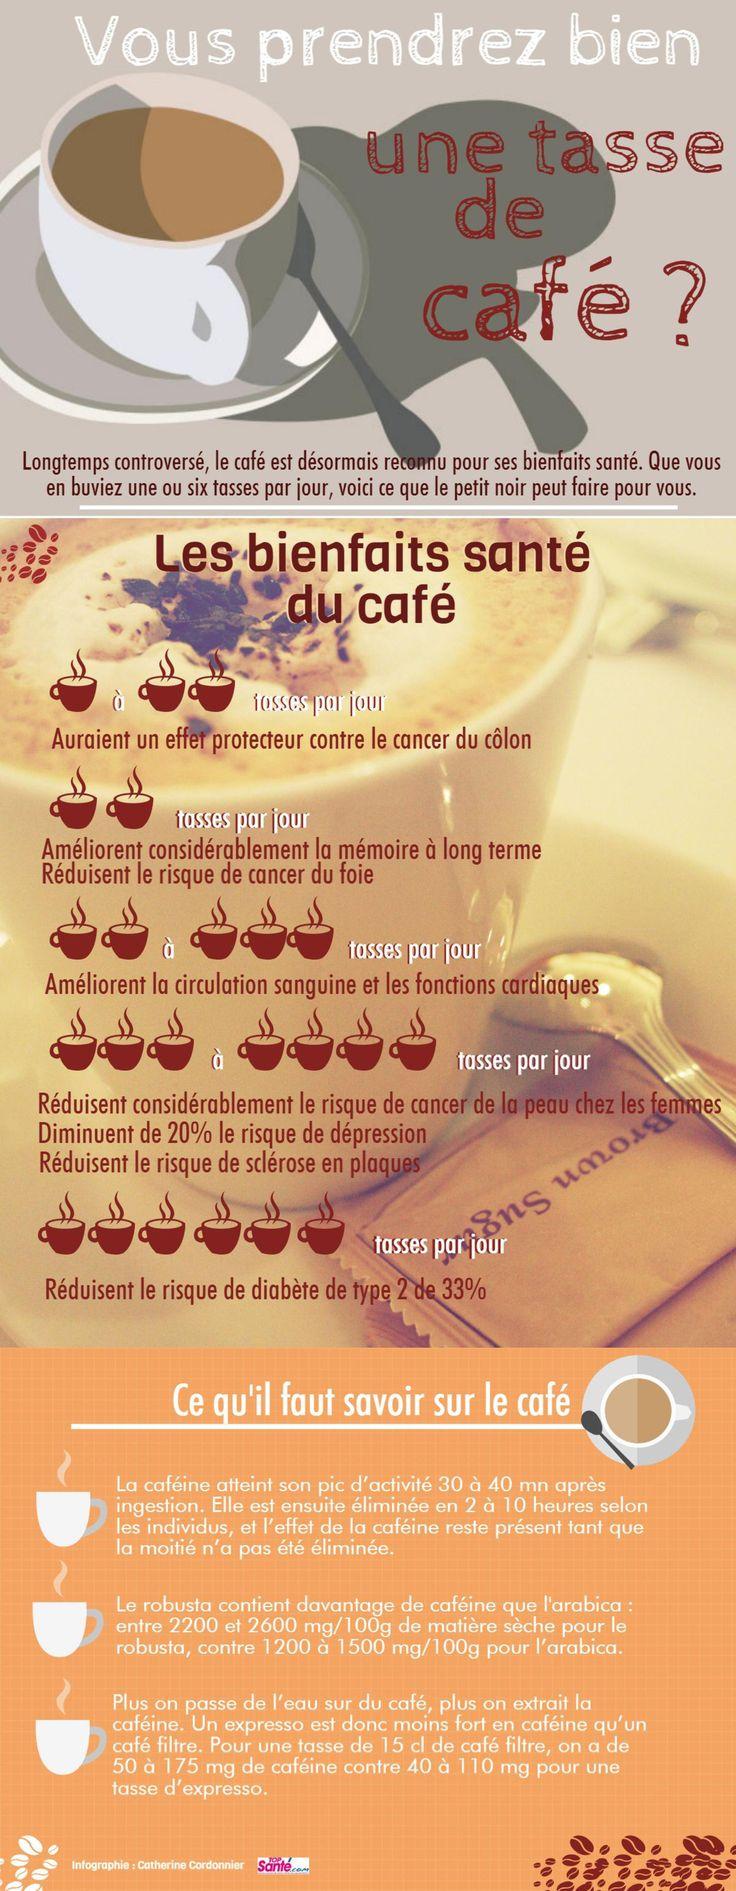 Les effets du café sur la santé